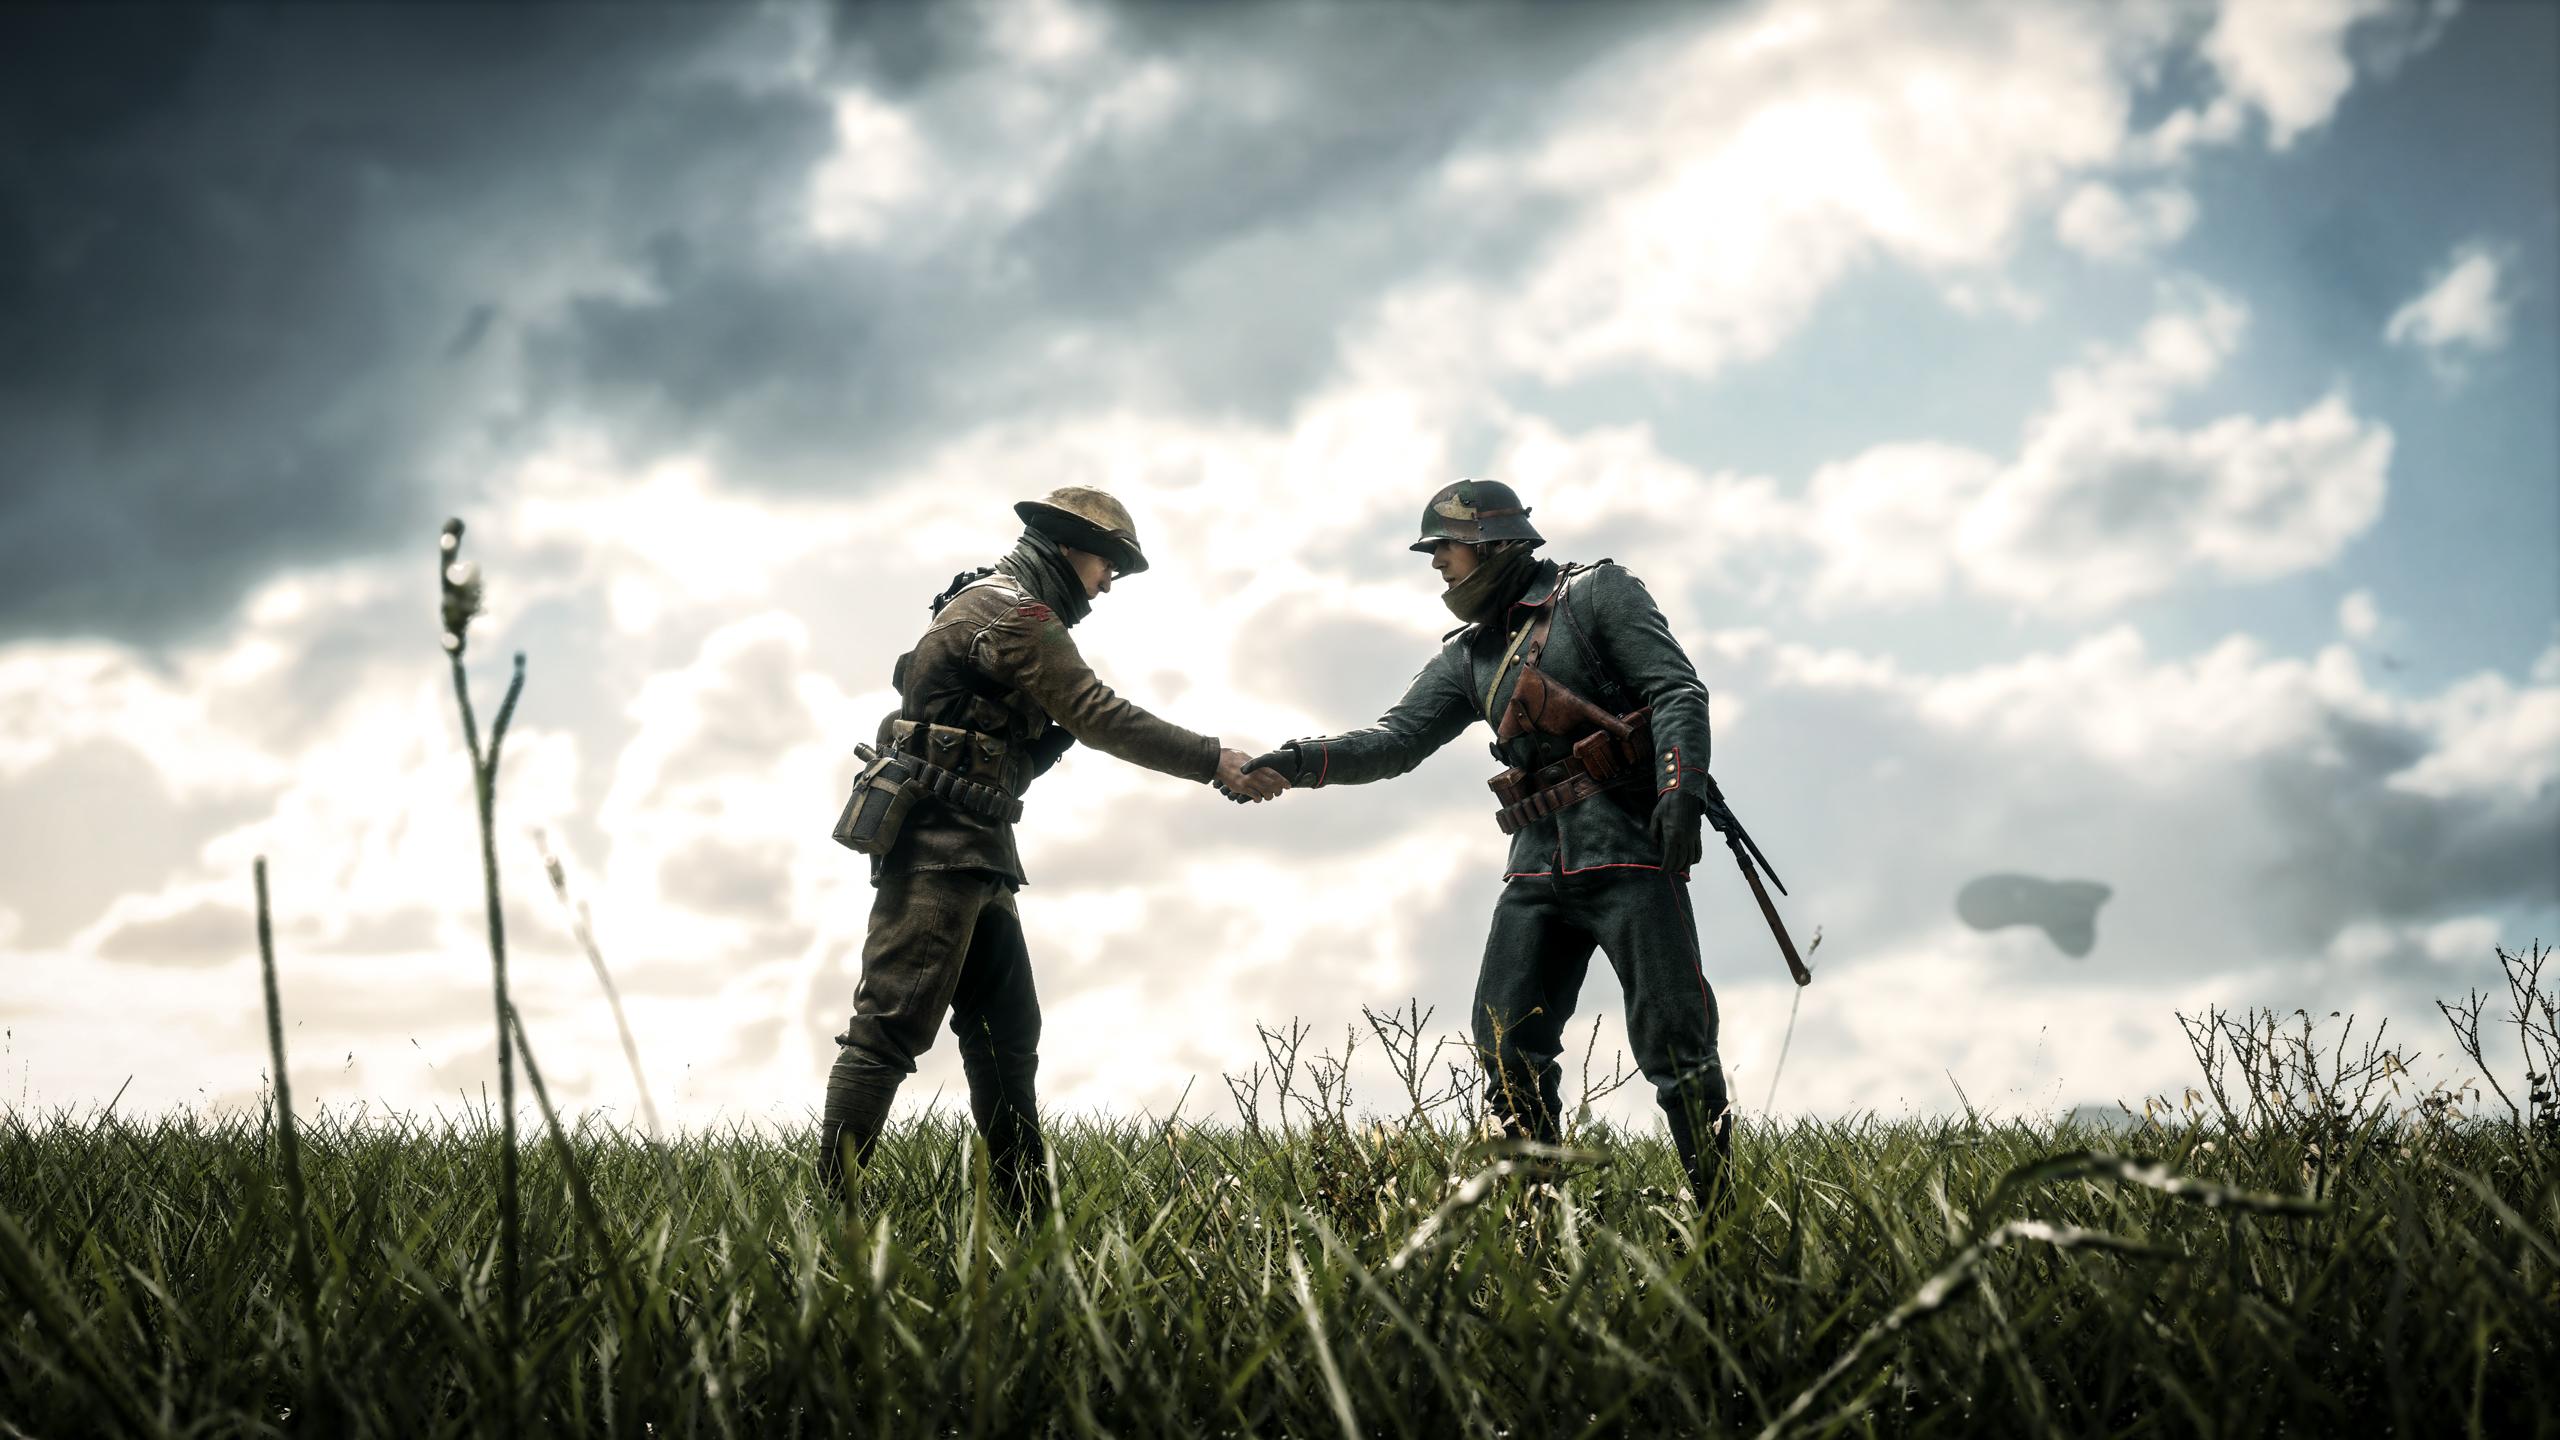 294 Battlefield 1 HD Wallpapers